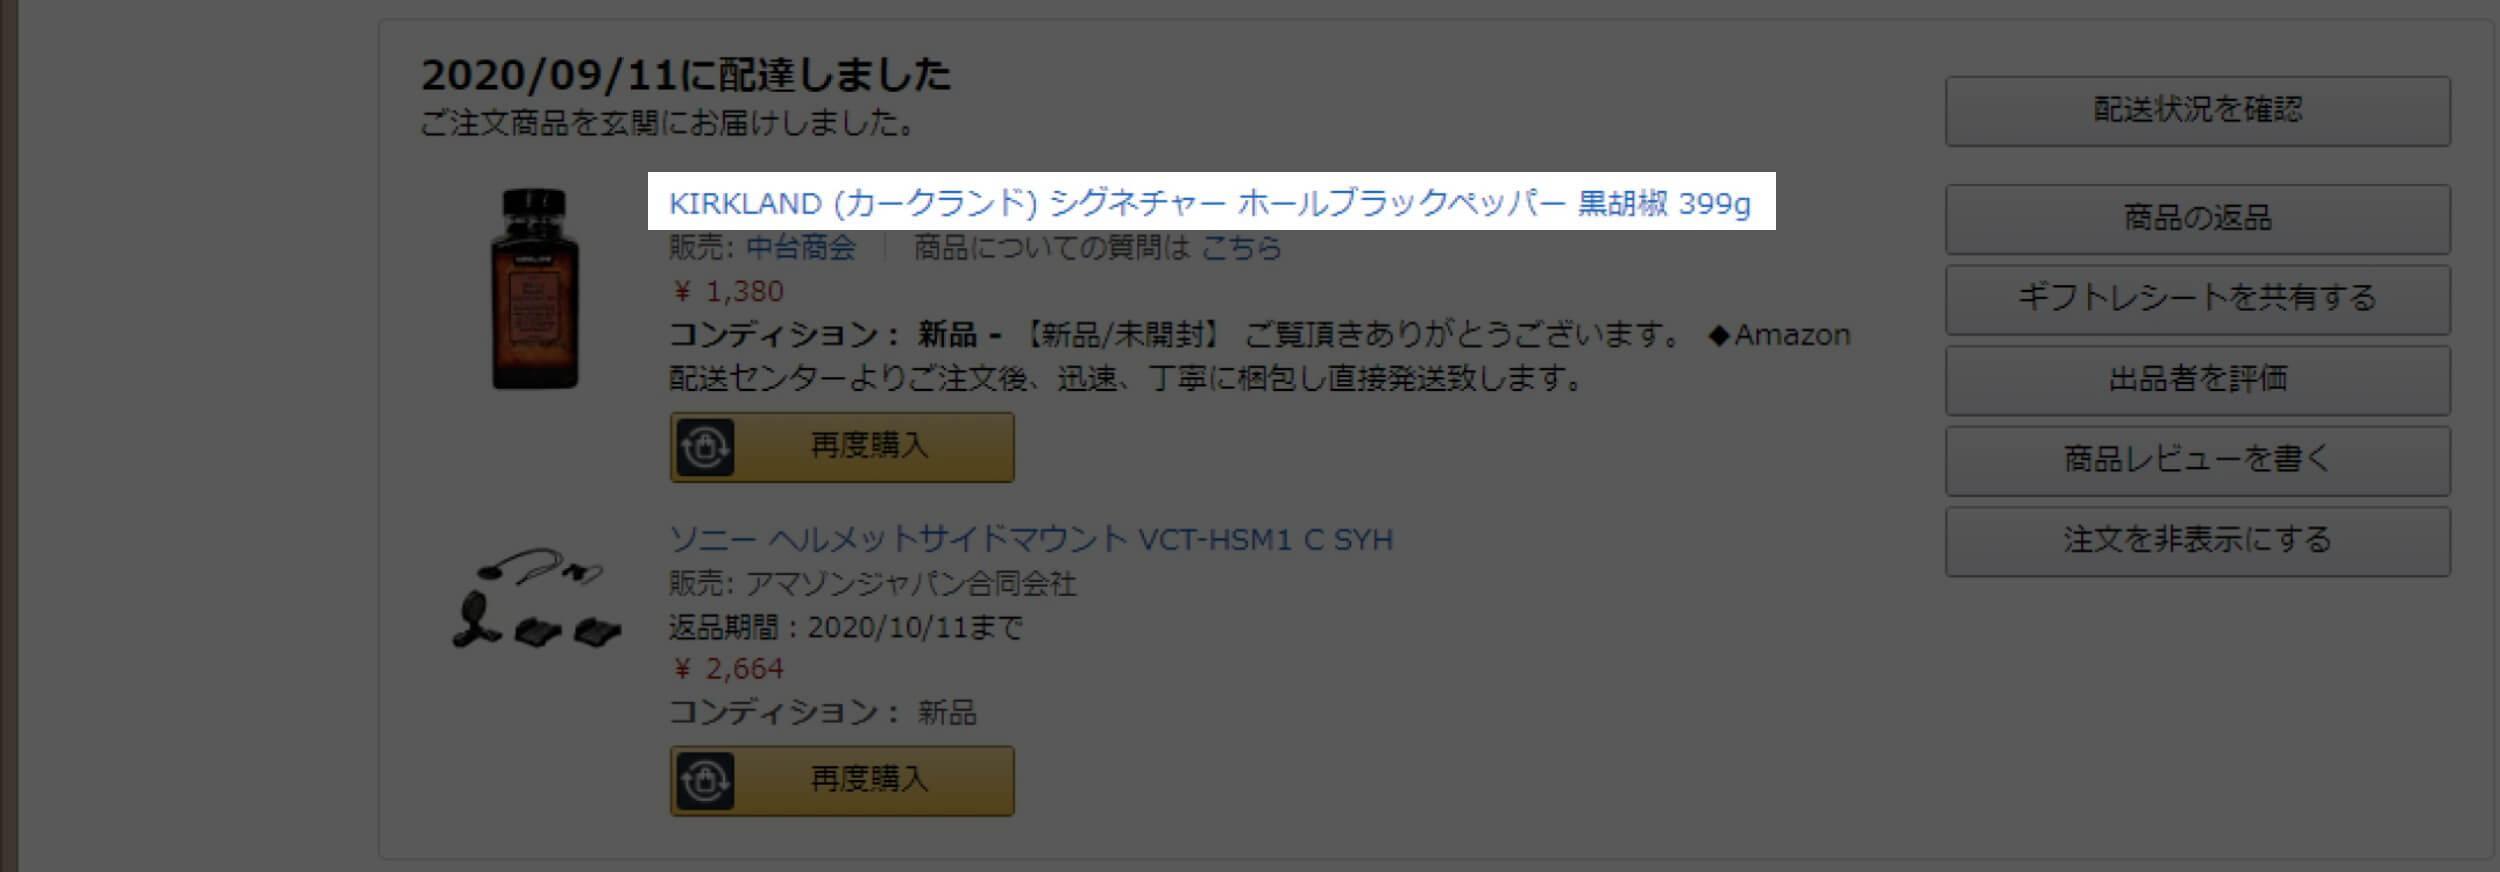 Amazon注文履歴ホールブラックペッパー